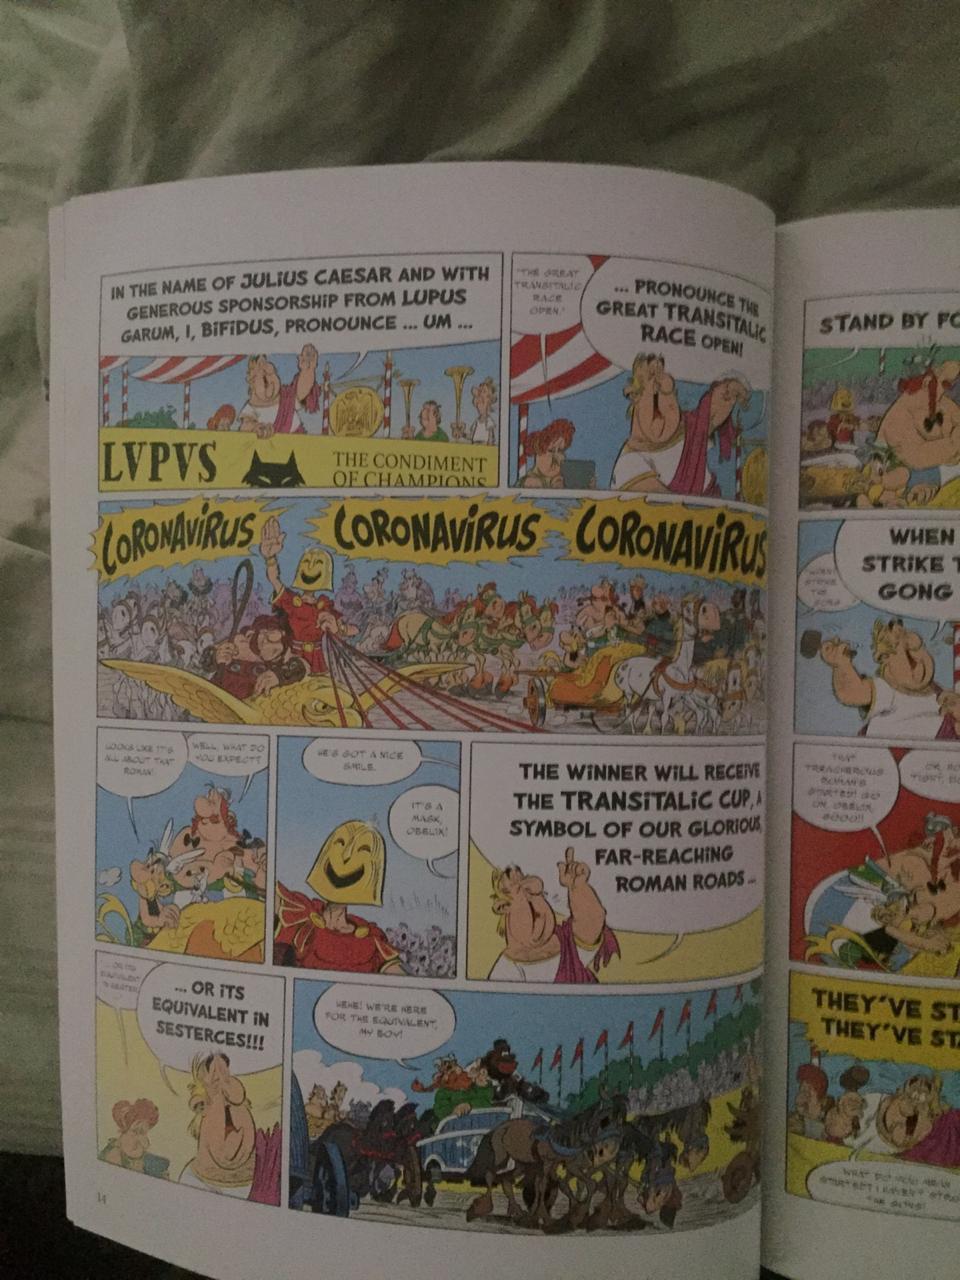 Asterix previndo o corona desde 1981 - meme